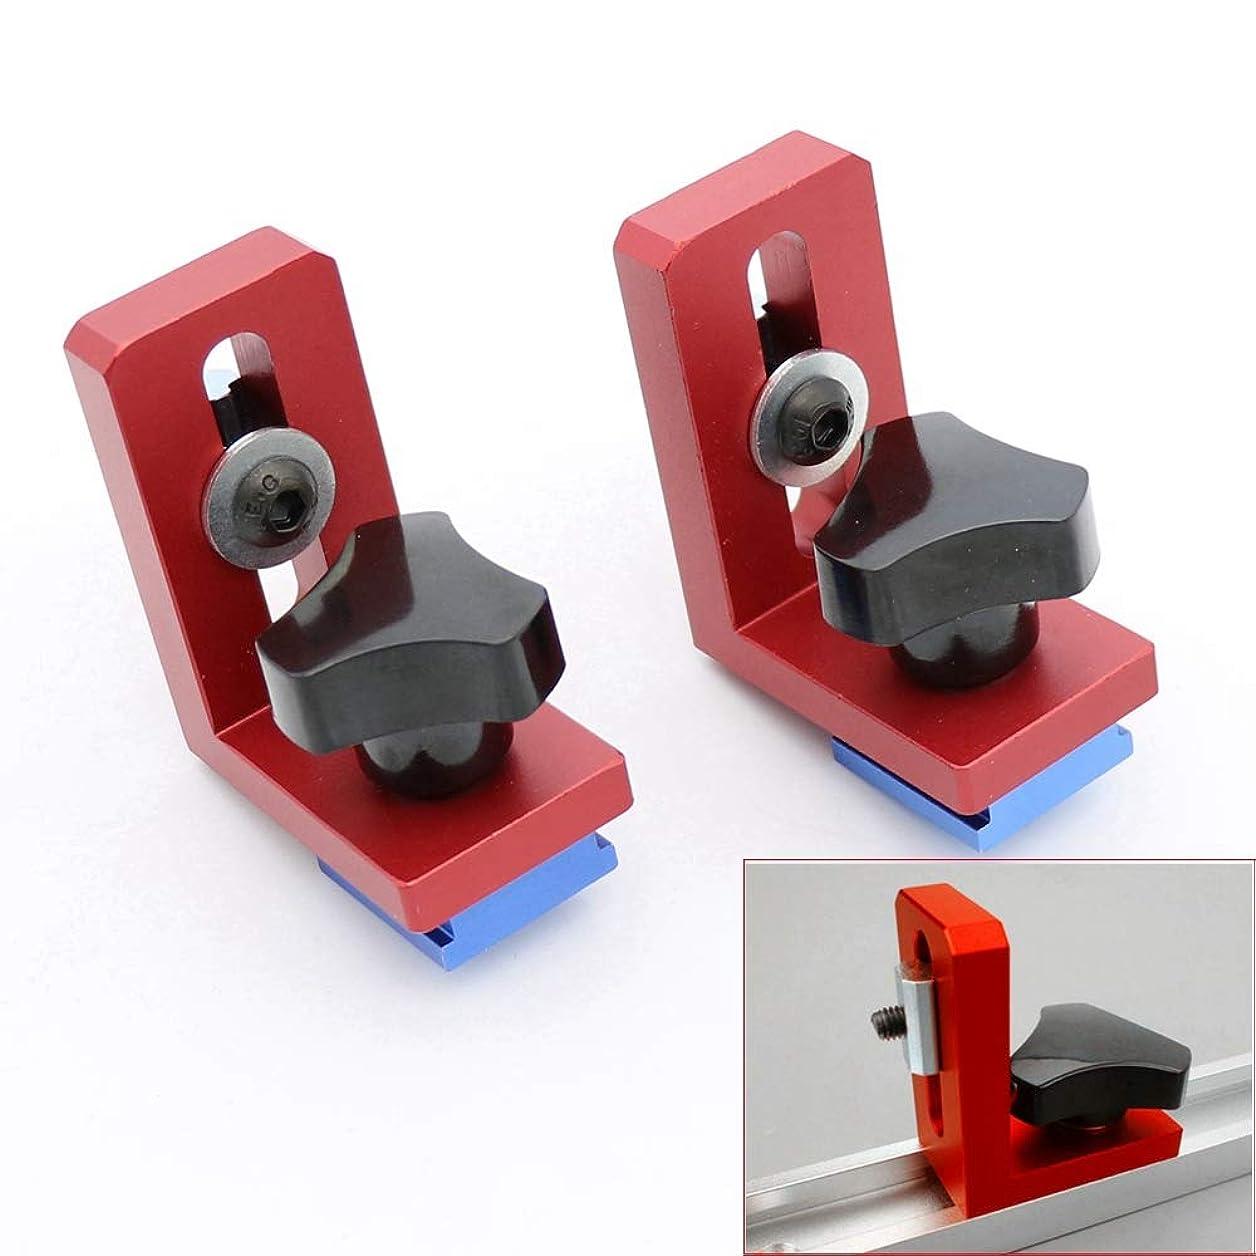 体現する反乱故障アルミプロファイル木工工具用T-トラックスライドブラケット2個/セット